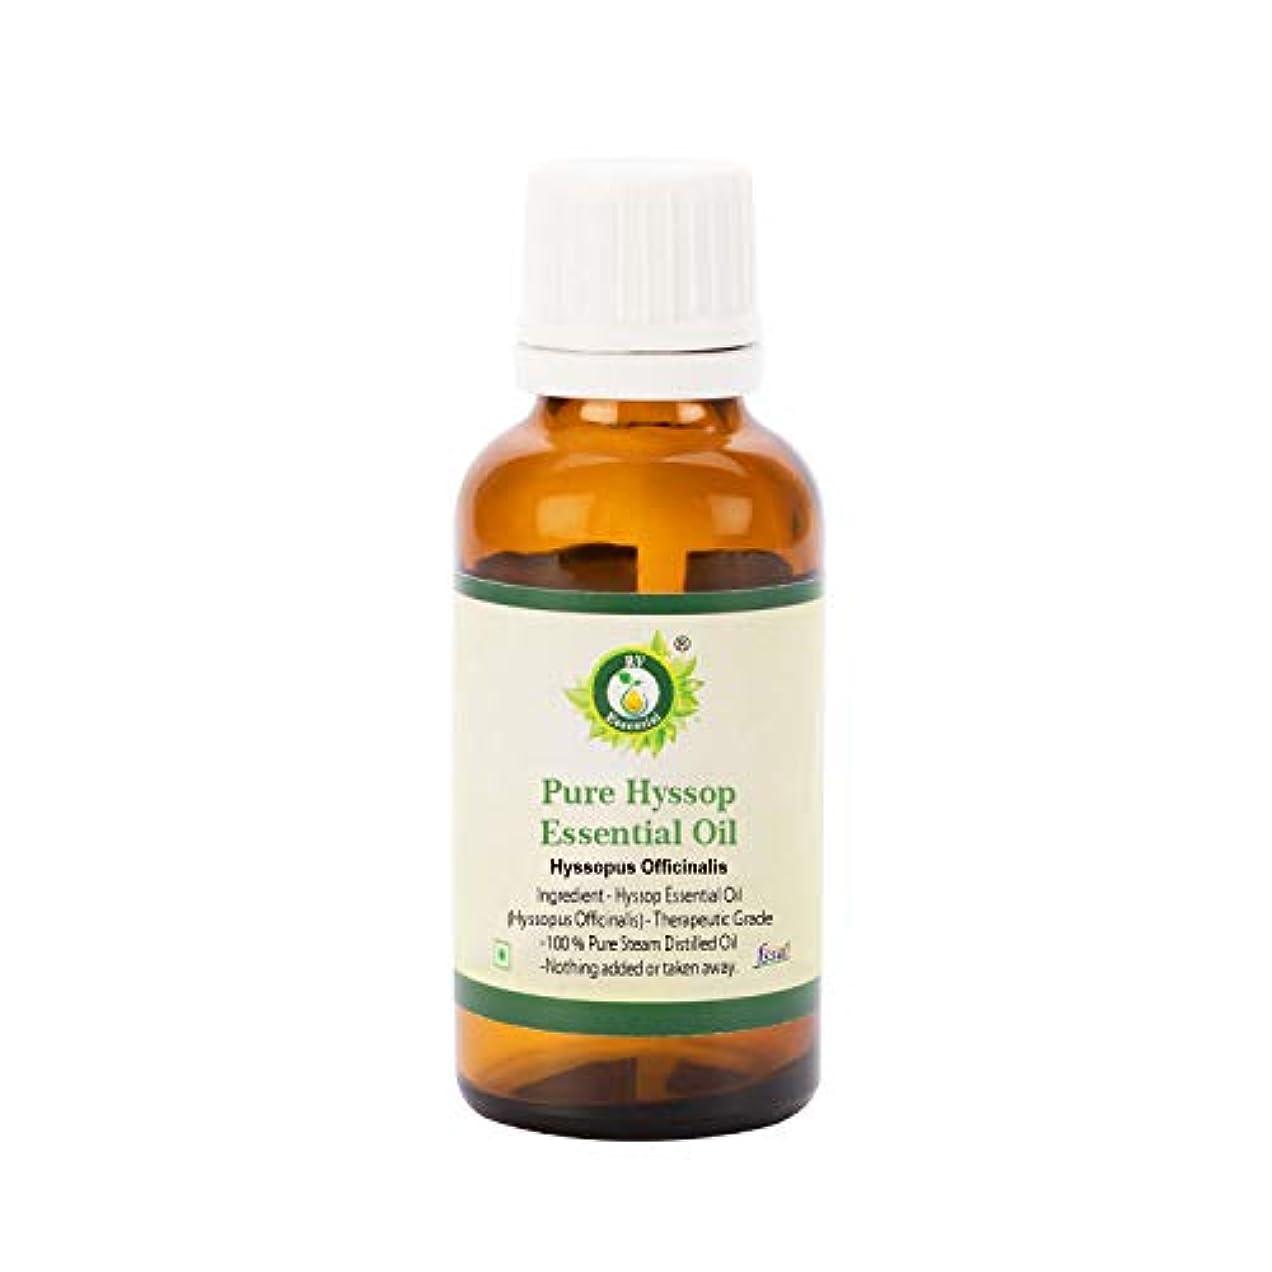 眠いです大理石クロスR V Essential ピュアヒソップエッセンシャルオイル10ml (0.338oz)- Hyssopus Officinalis (100%純粋&天然スチームDistilled) Pure Hyssop Essential...